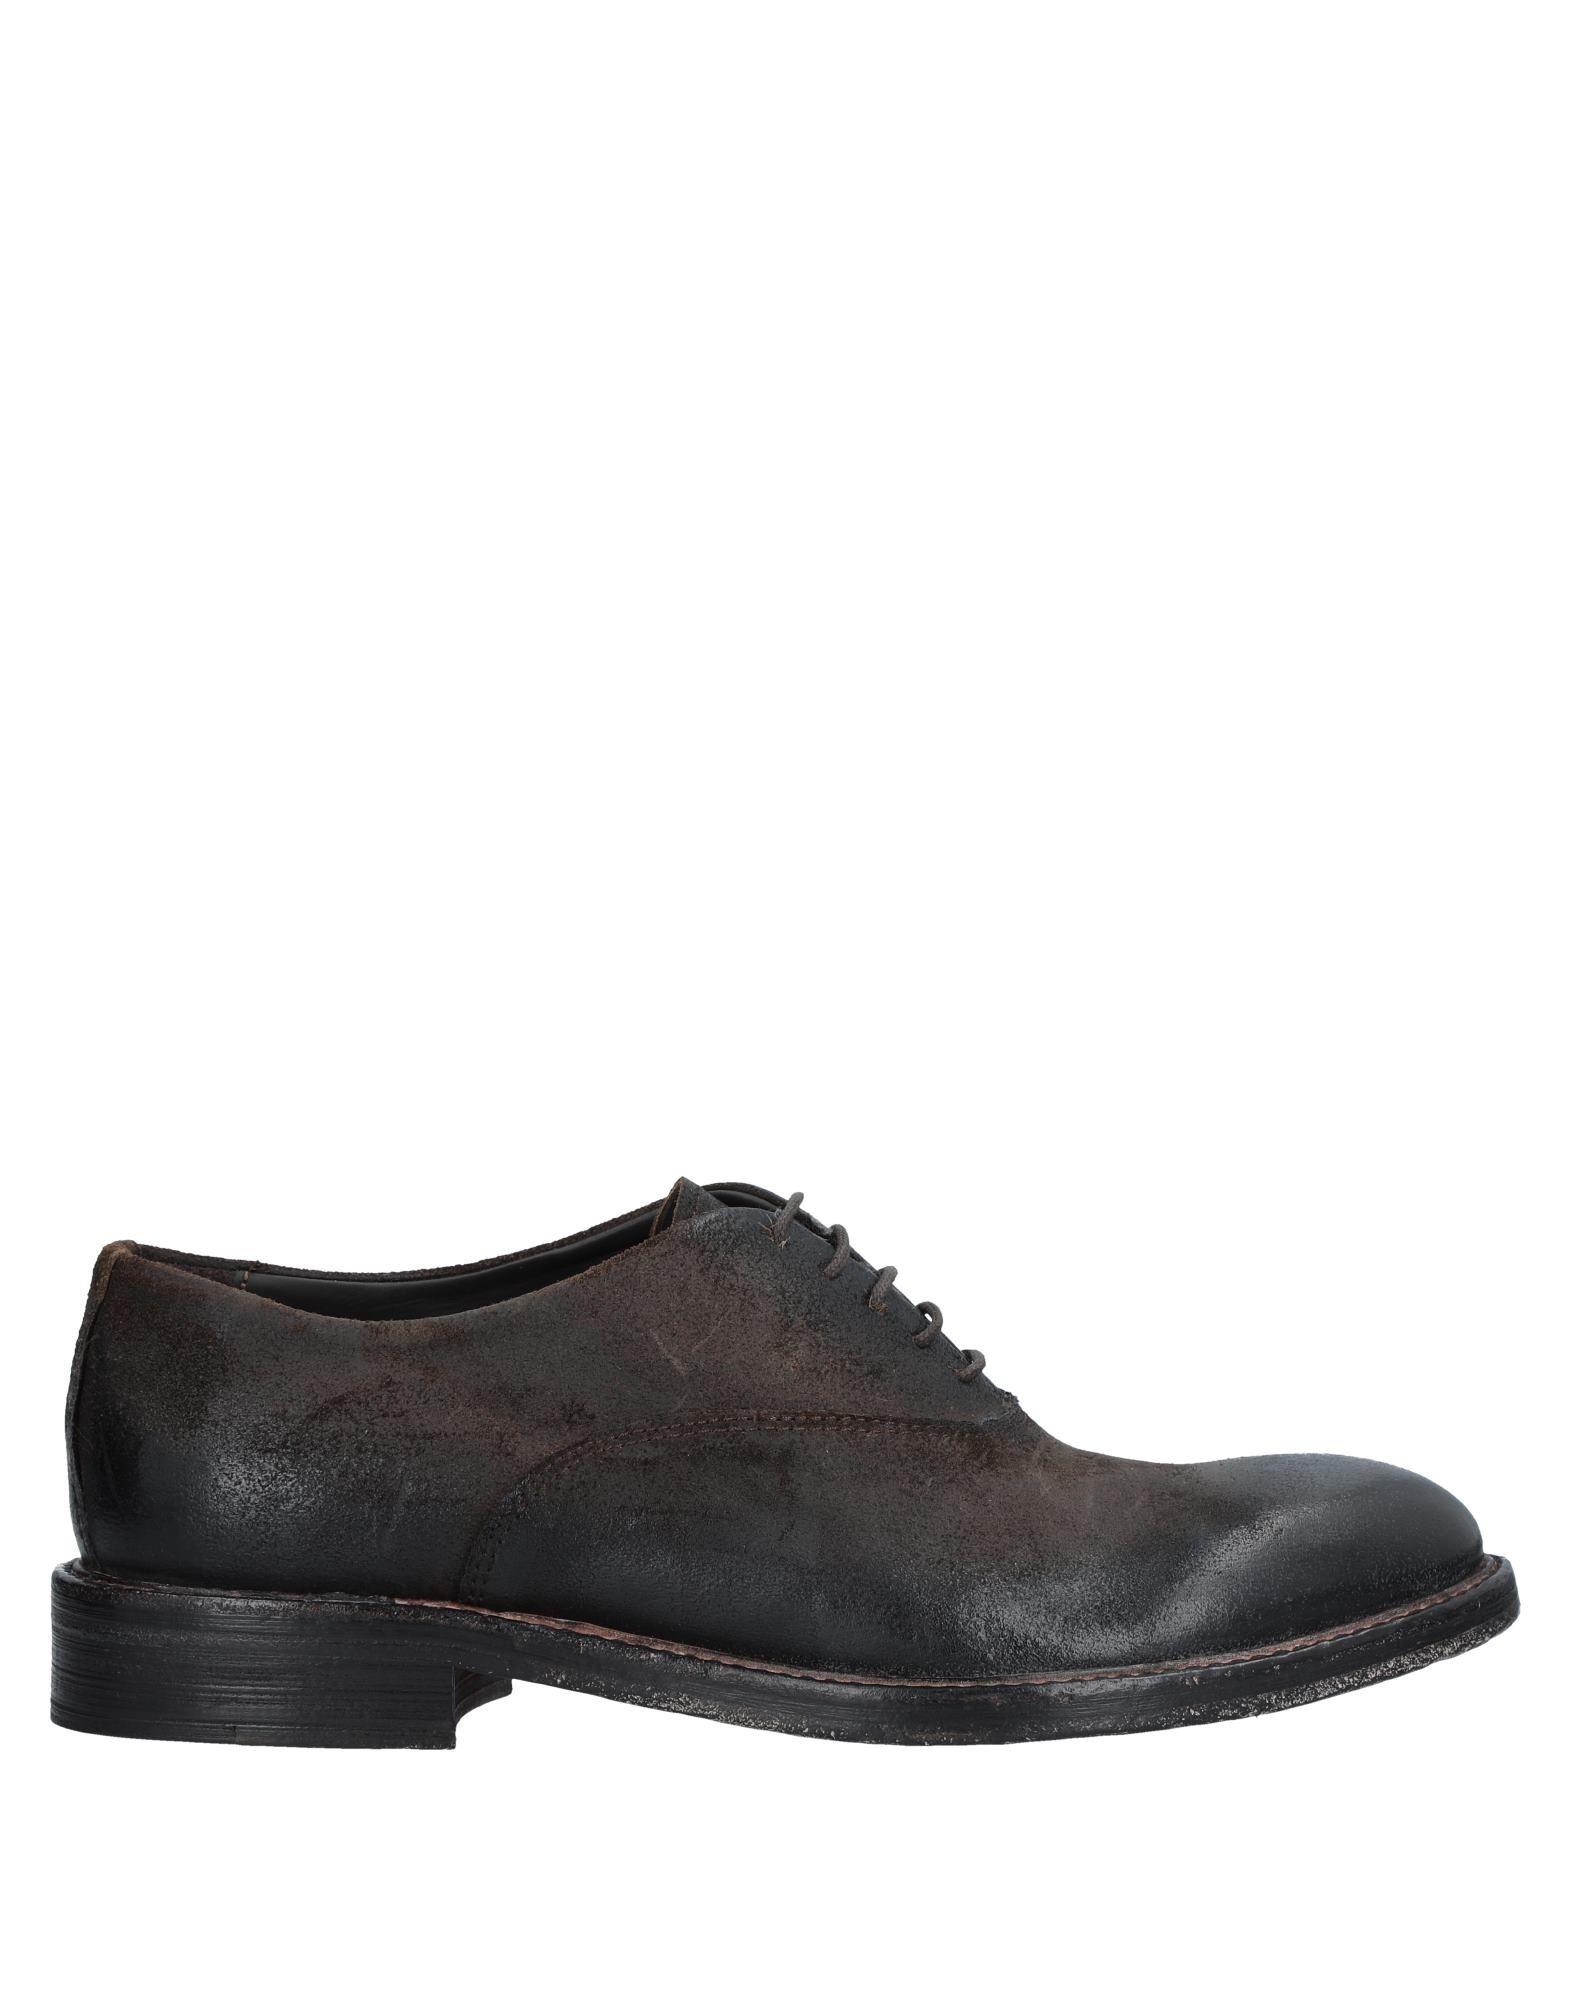 Savio Barbato Schnürschuhe Herren  Schuhe 11536968DD Gute Qualität beliebte Schuhe  bea014